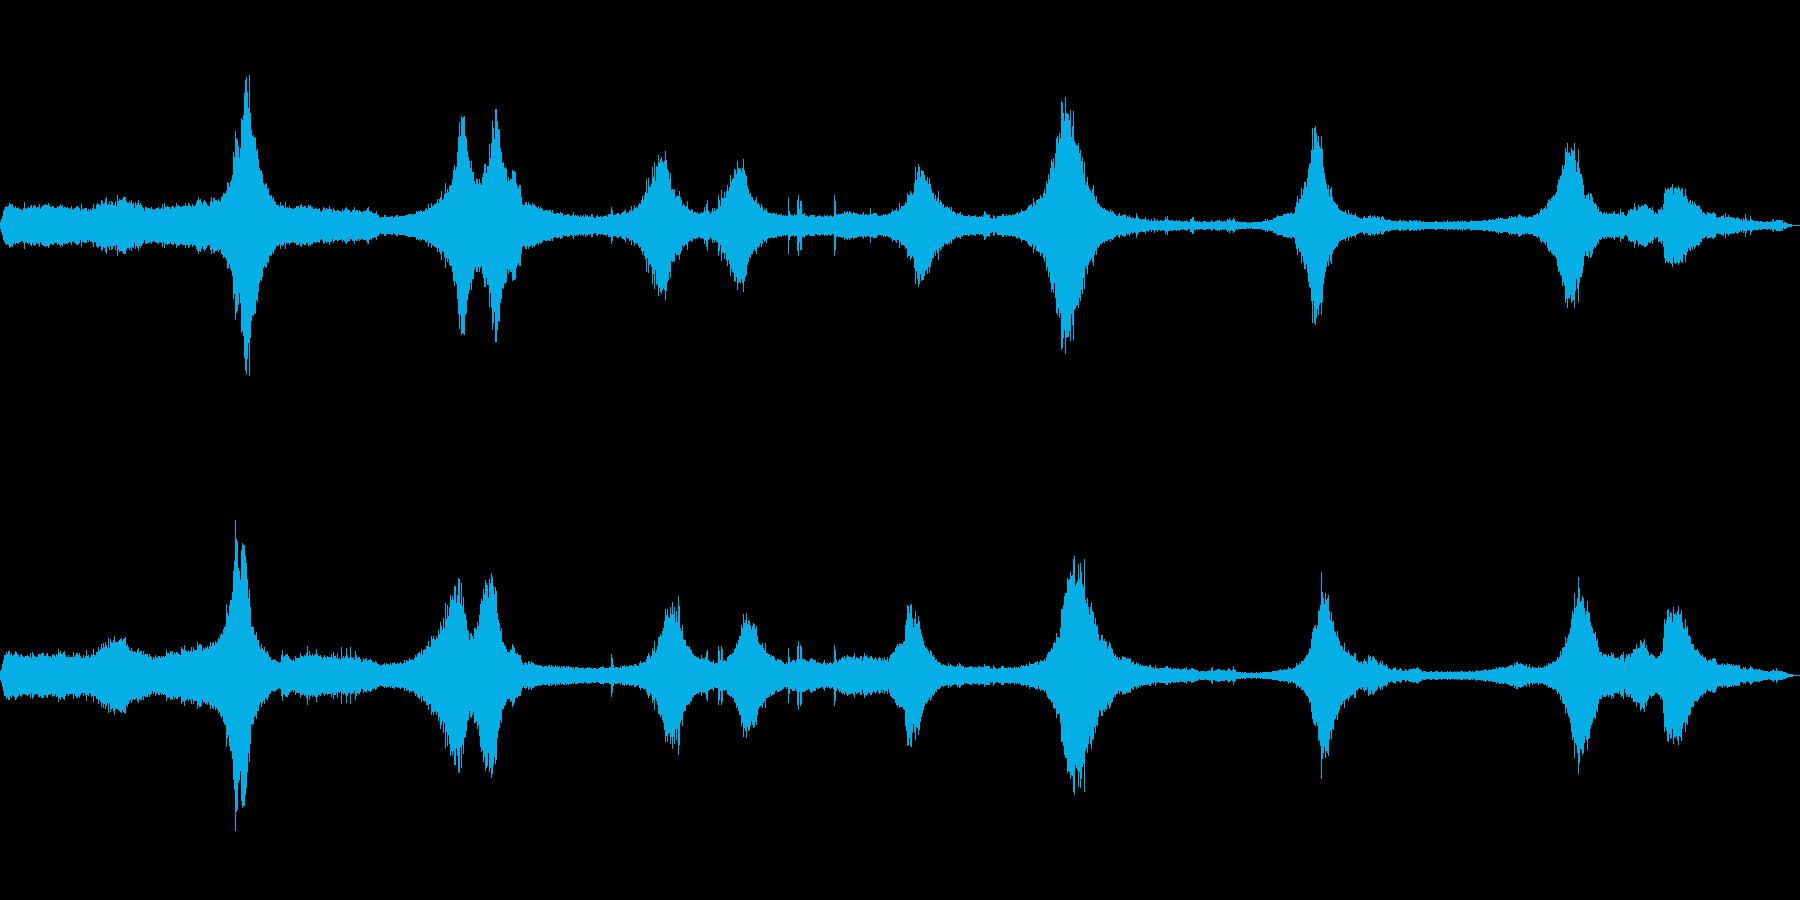 [生録音]交通量の多い交差点01(初夏)の再生済みの波形